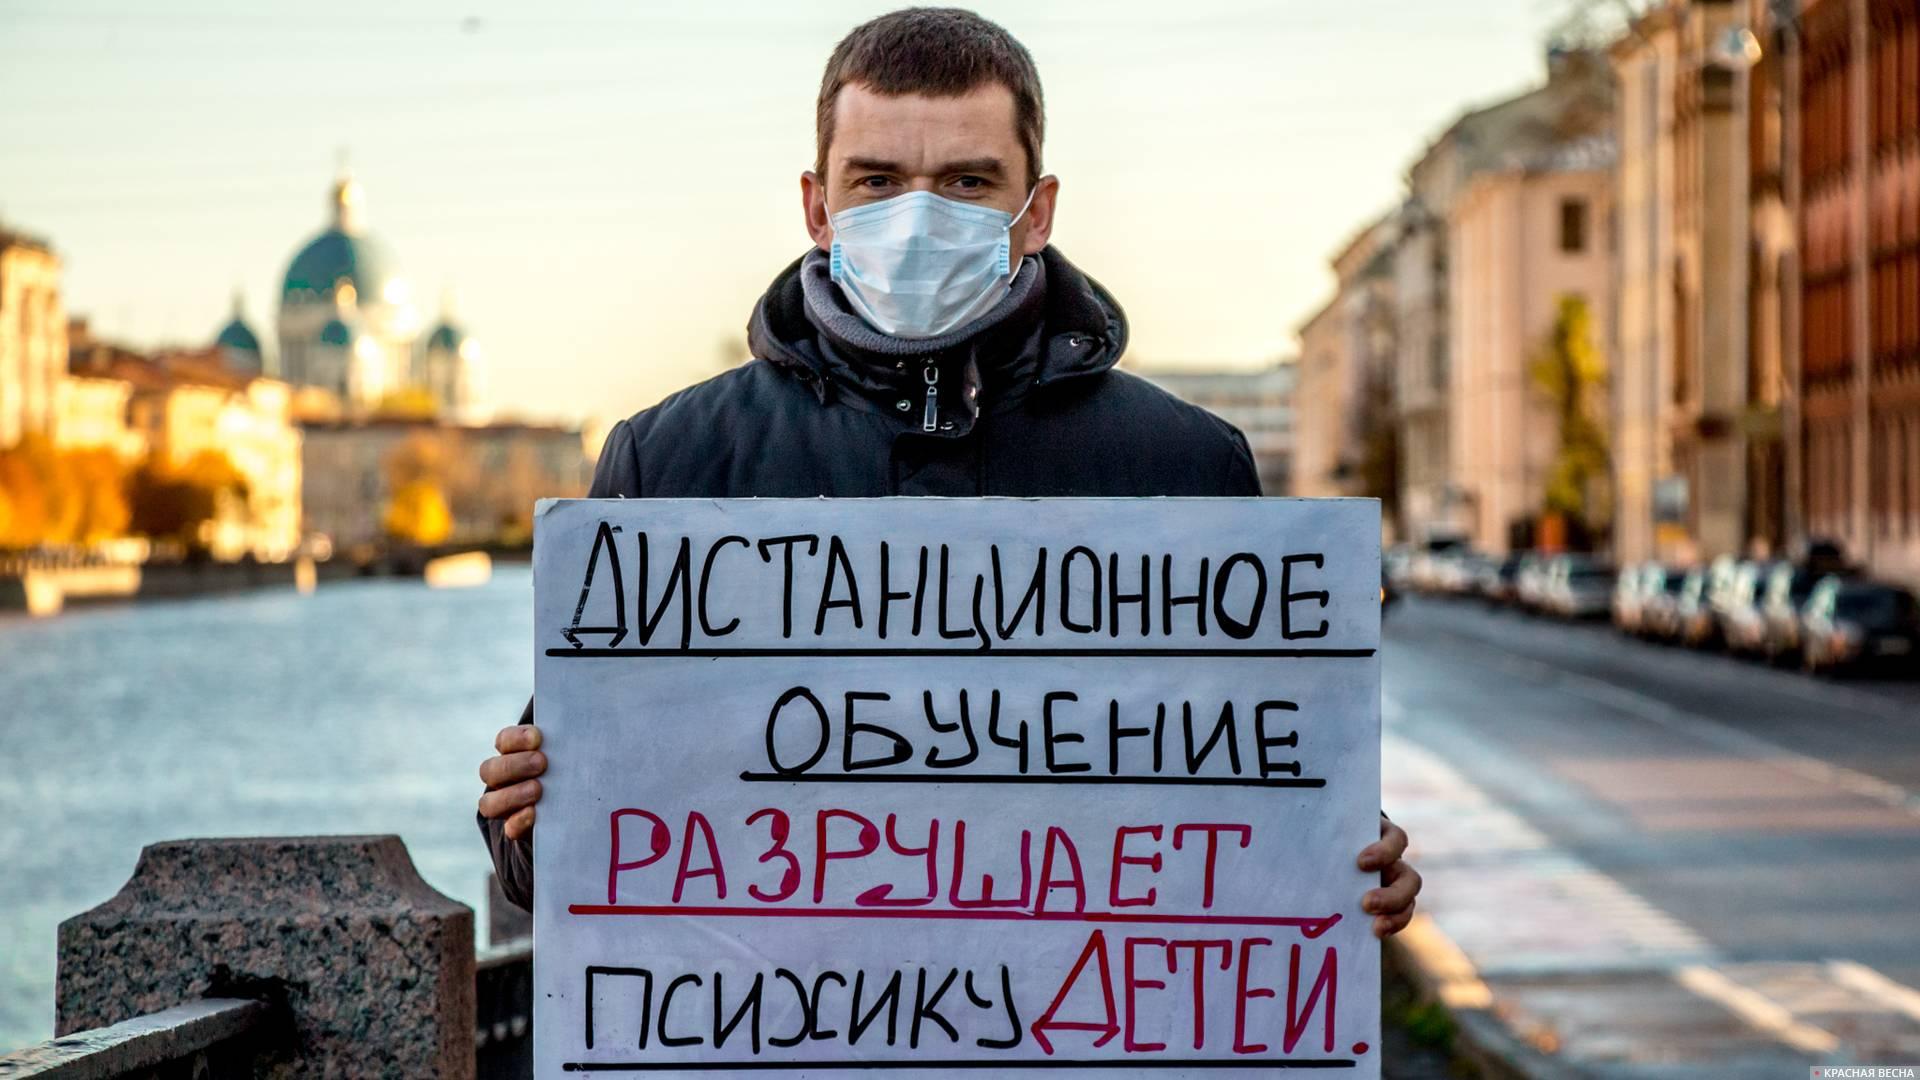 Одиночный пикет в Санкт-Петербурге против дистанционного образования